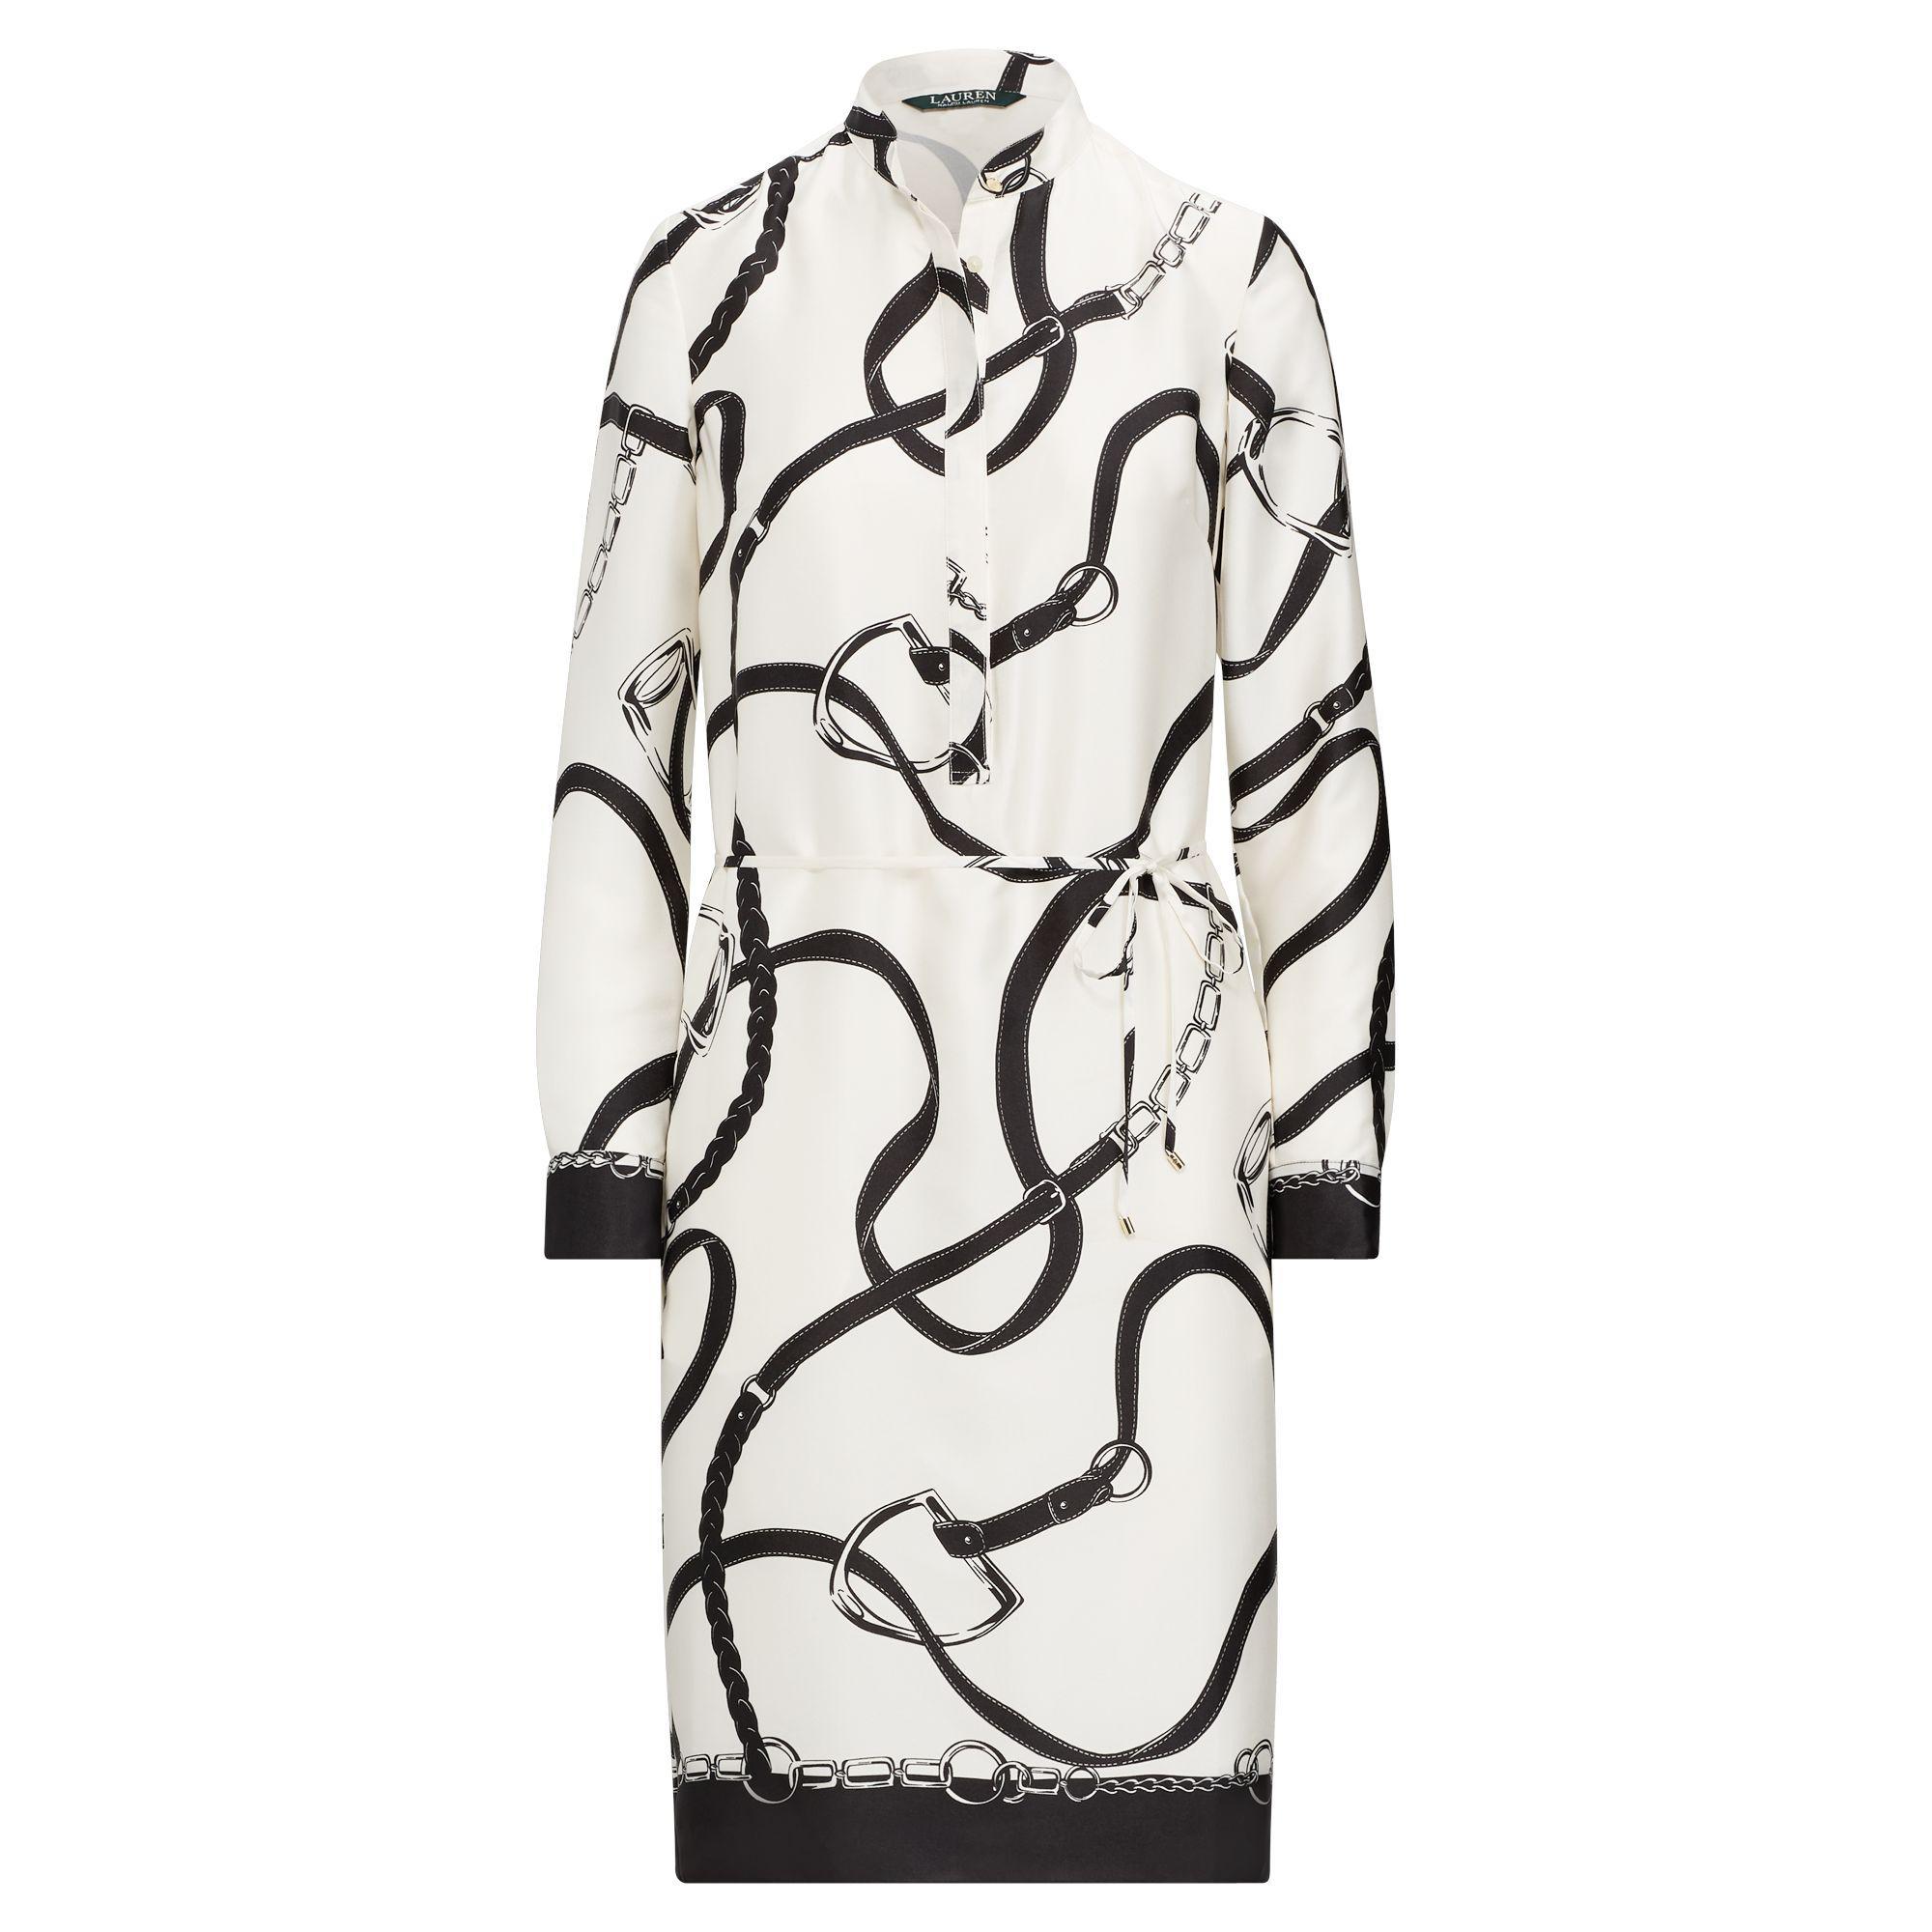 796f410ab7e Ralph Lauren Print Twill Shirtdress in Black - Lyst